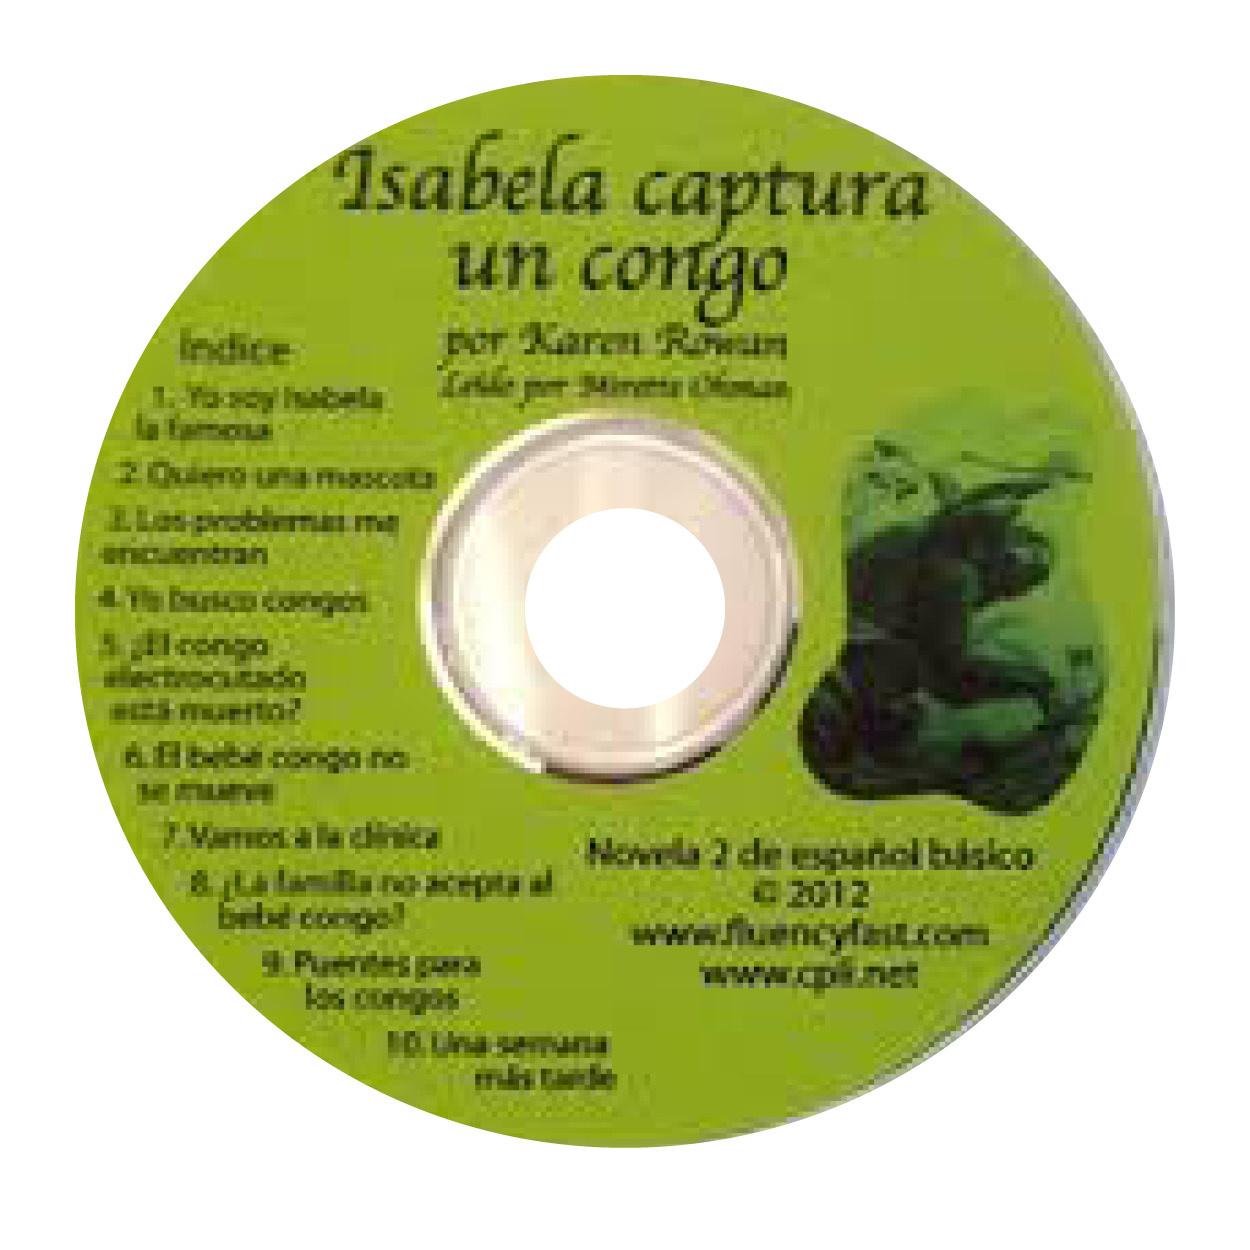 Isabela captura un congo - Luisterboek